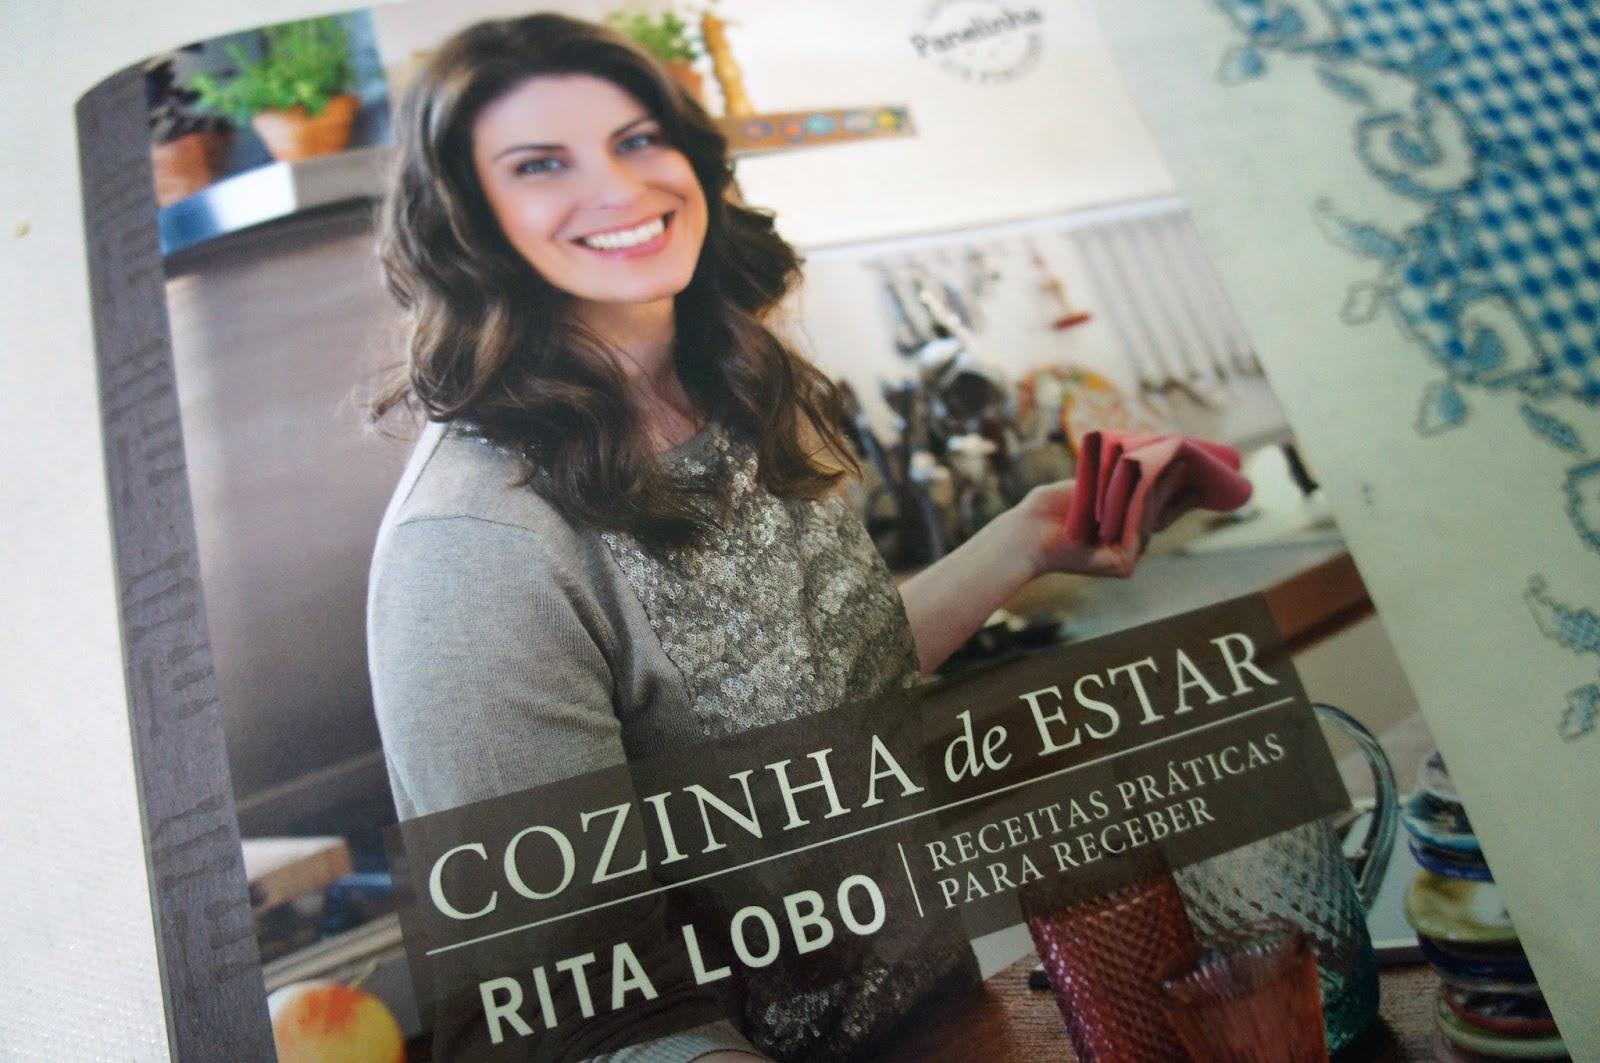 #304C61 Tem mais paixão nessa vida do que cozinhar para a família e os  1600x1063 px Projeto Cozinha Rita Lobo #2687 imagens